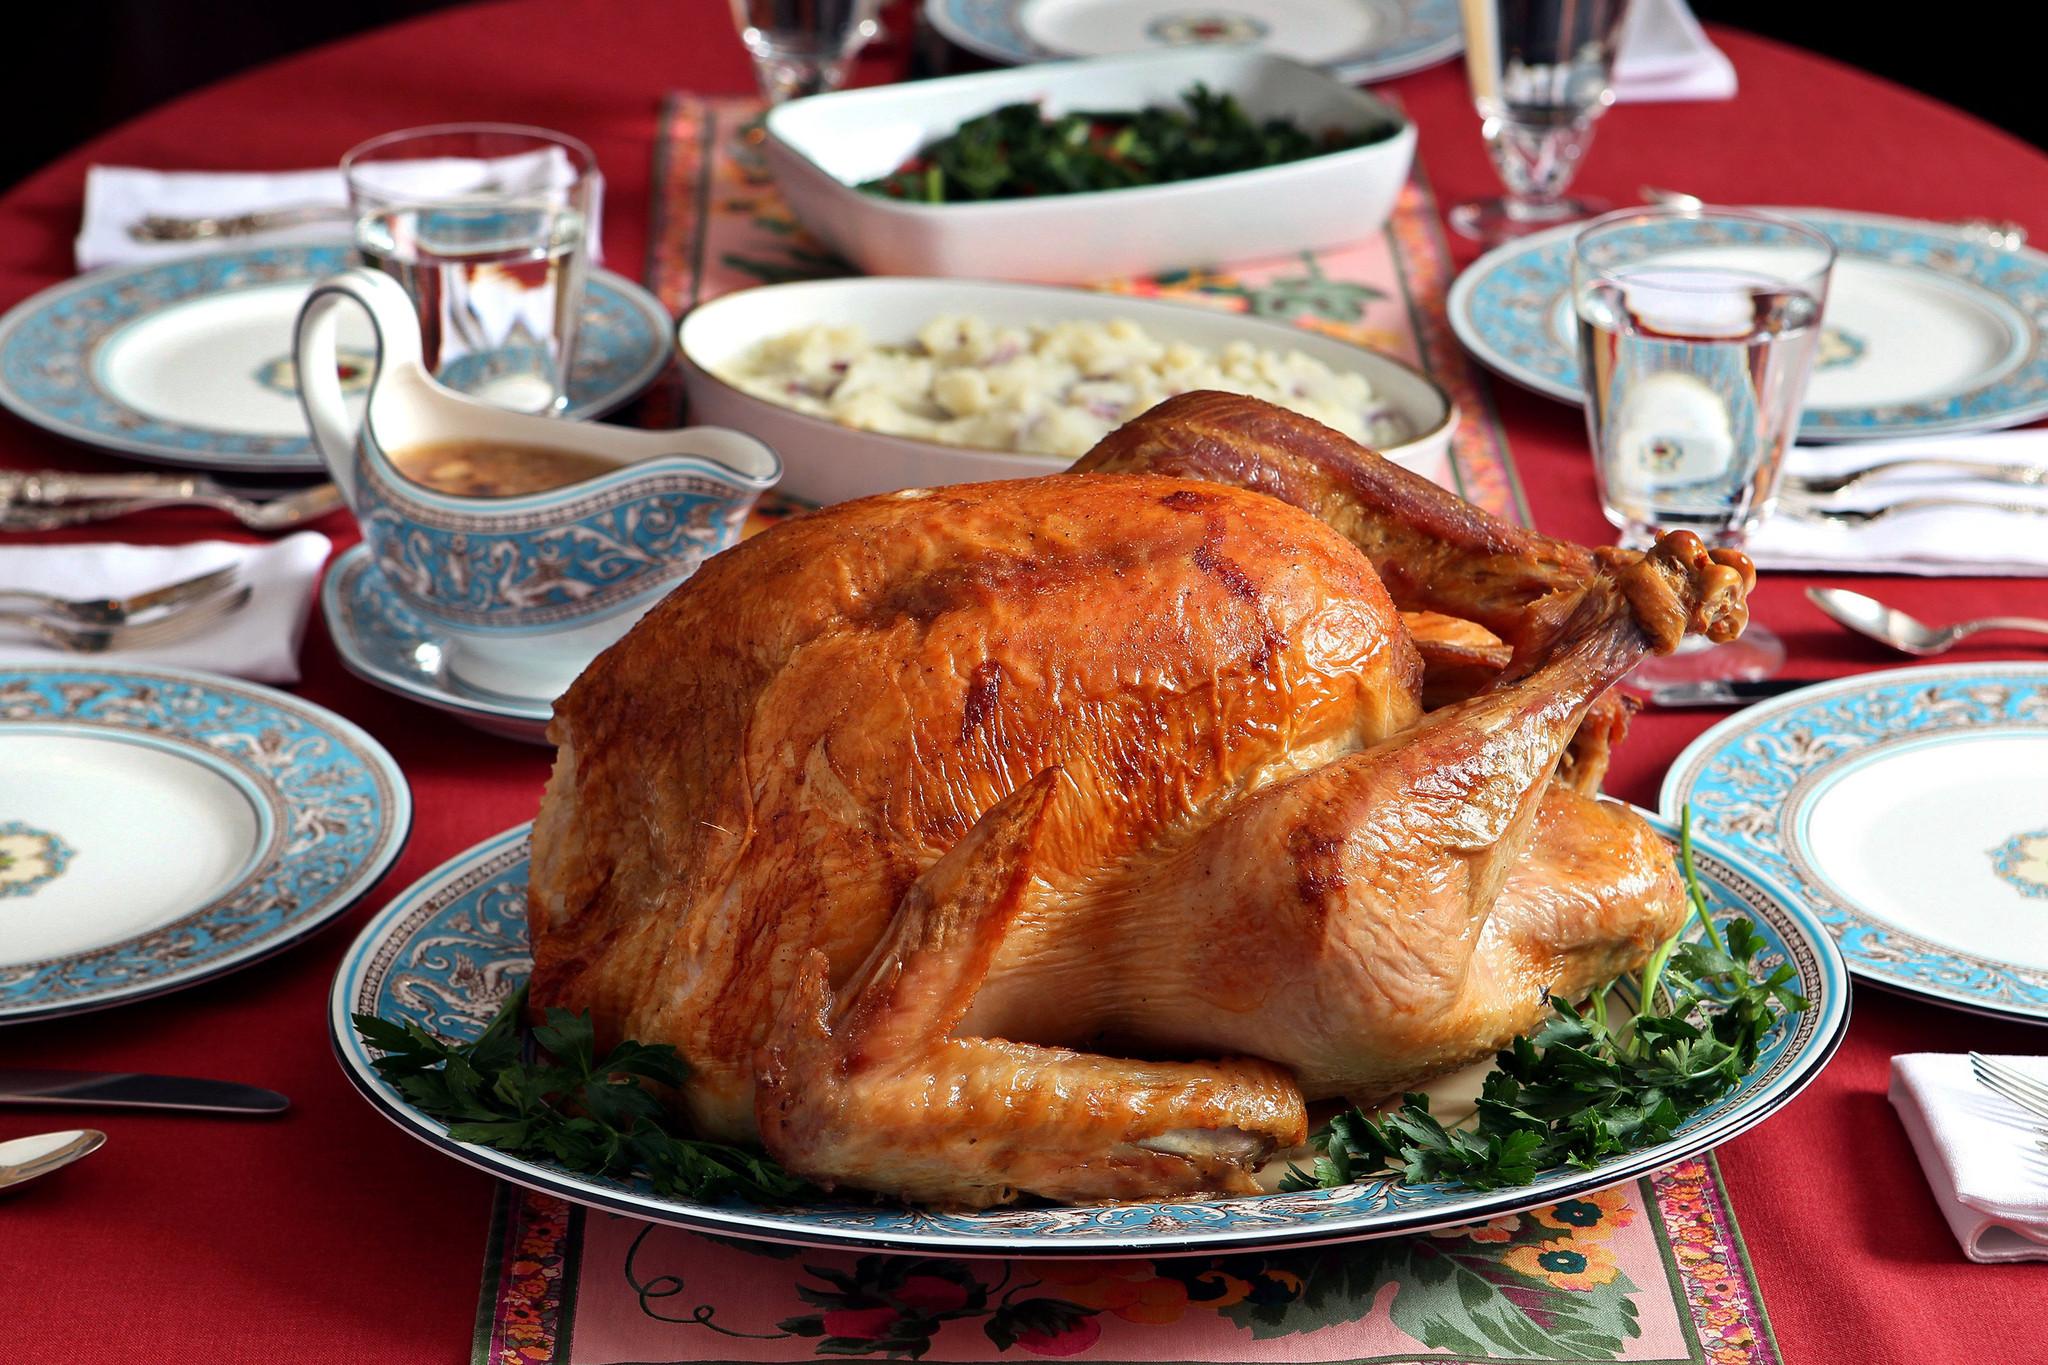 Thanksgiving Dinner Restaurants  Thanksgiving restaurant dining options in Baltimore